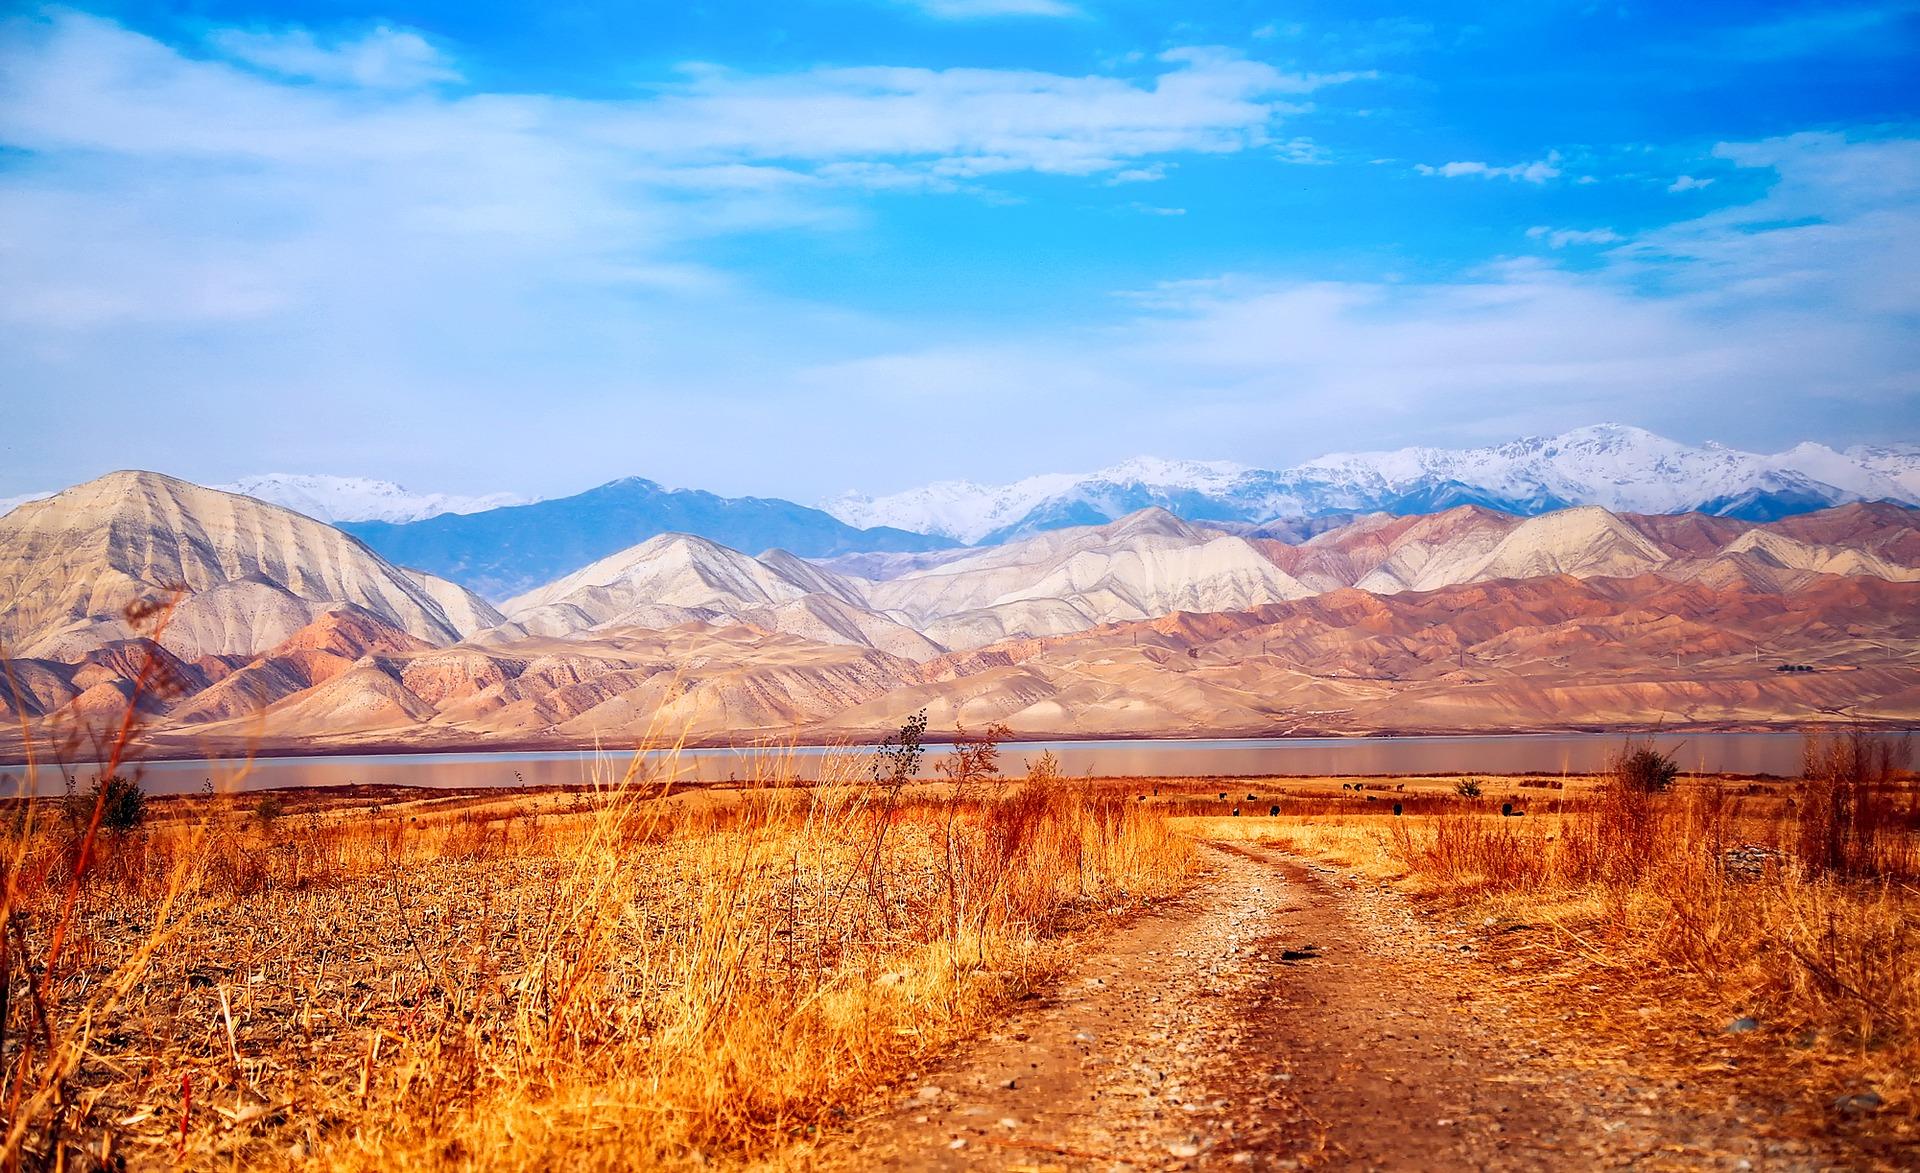 Kyrgyzstan mountain landscape